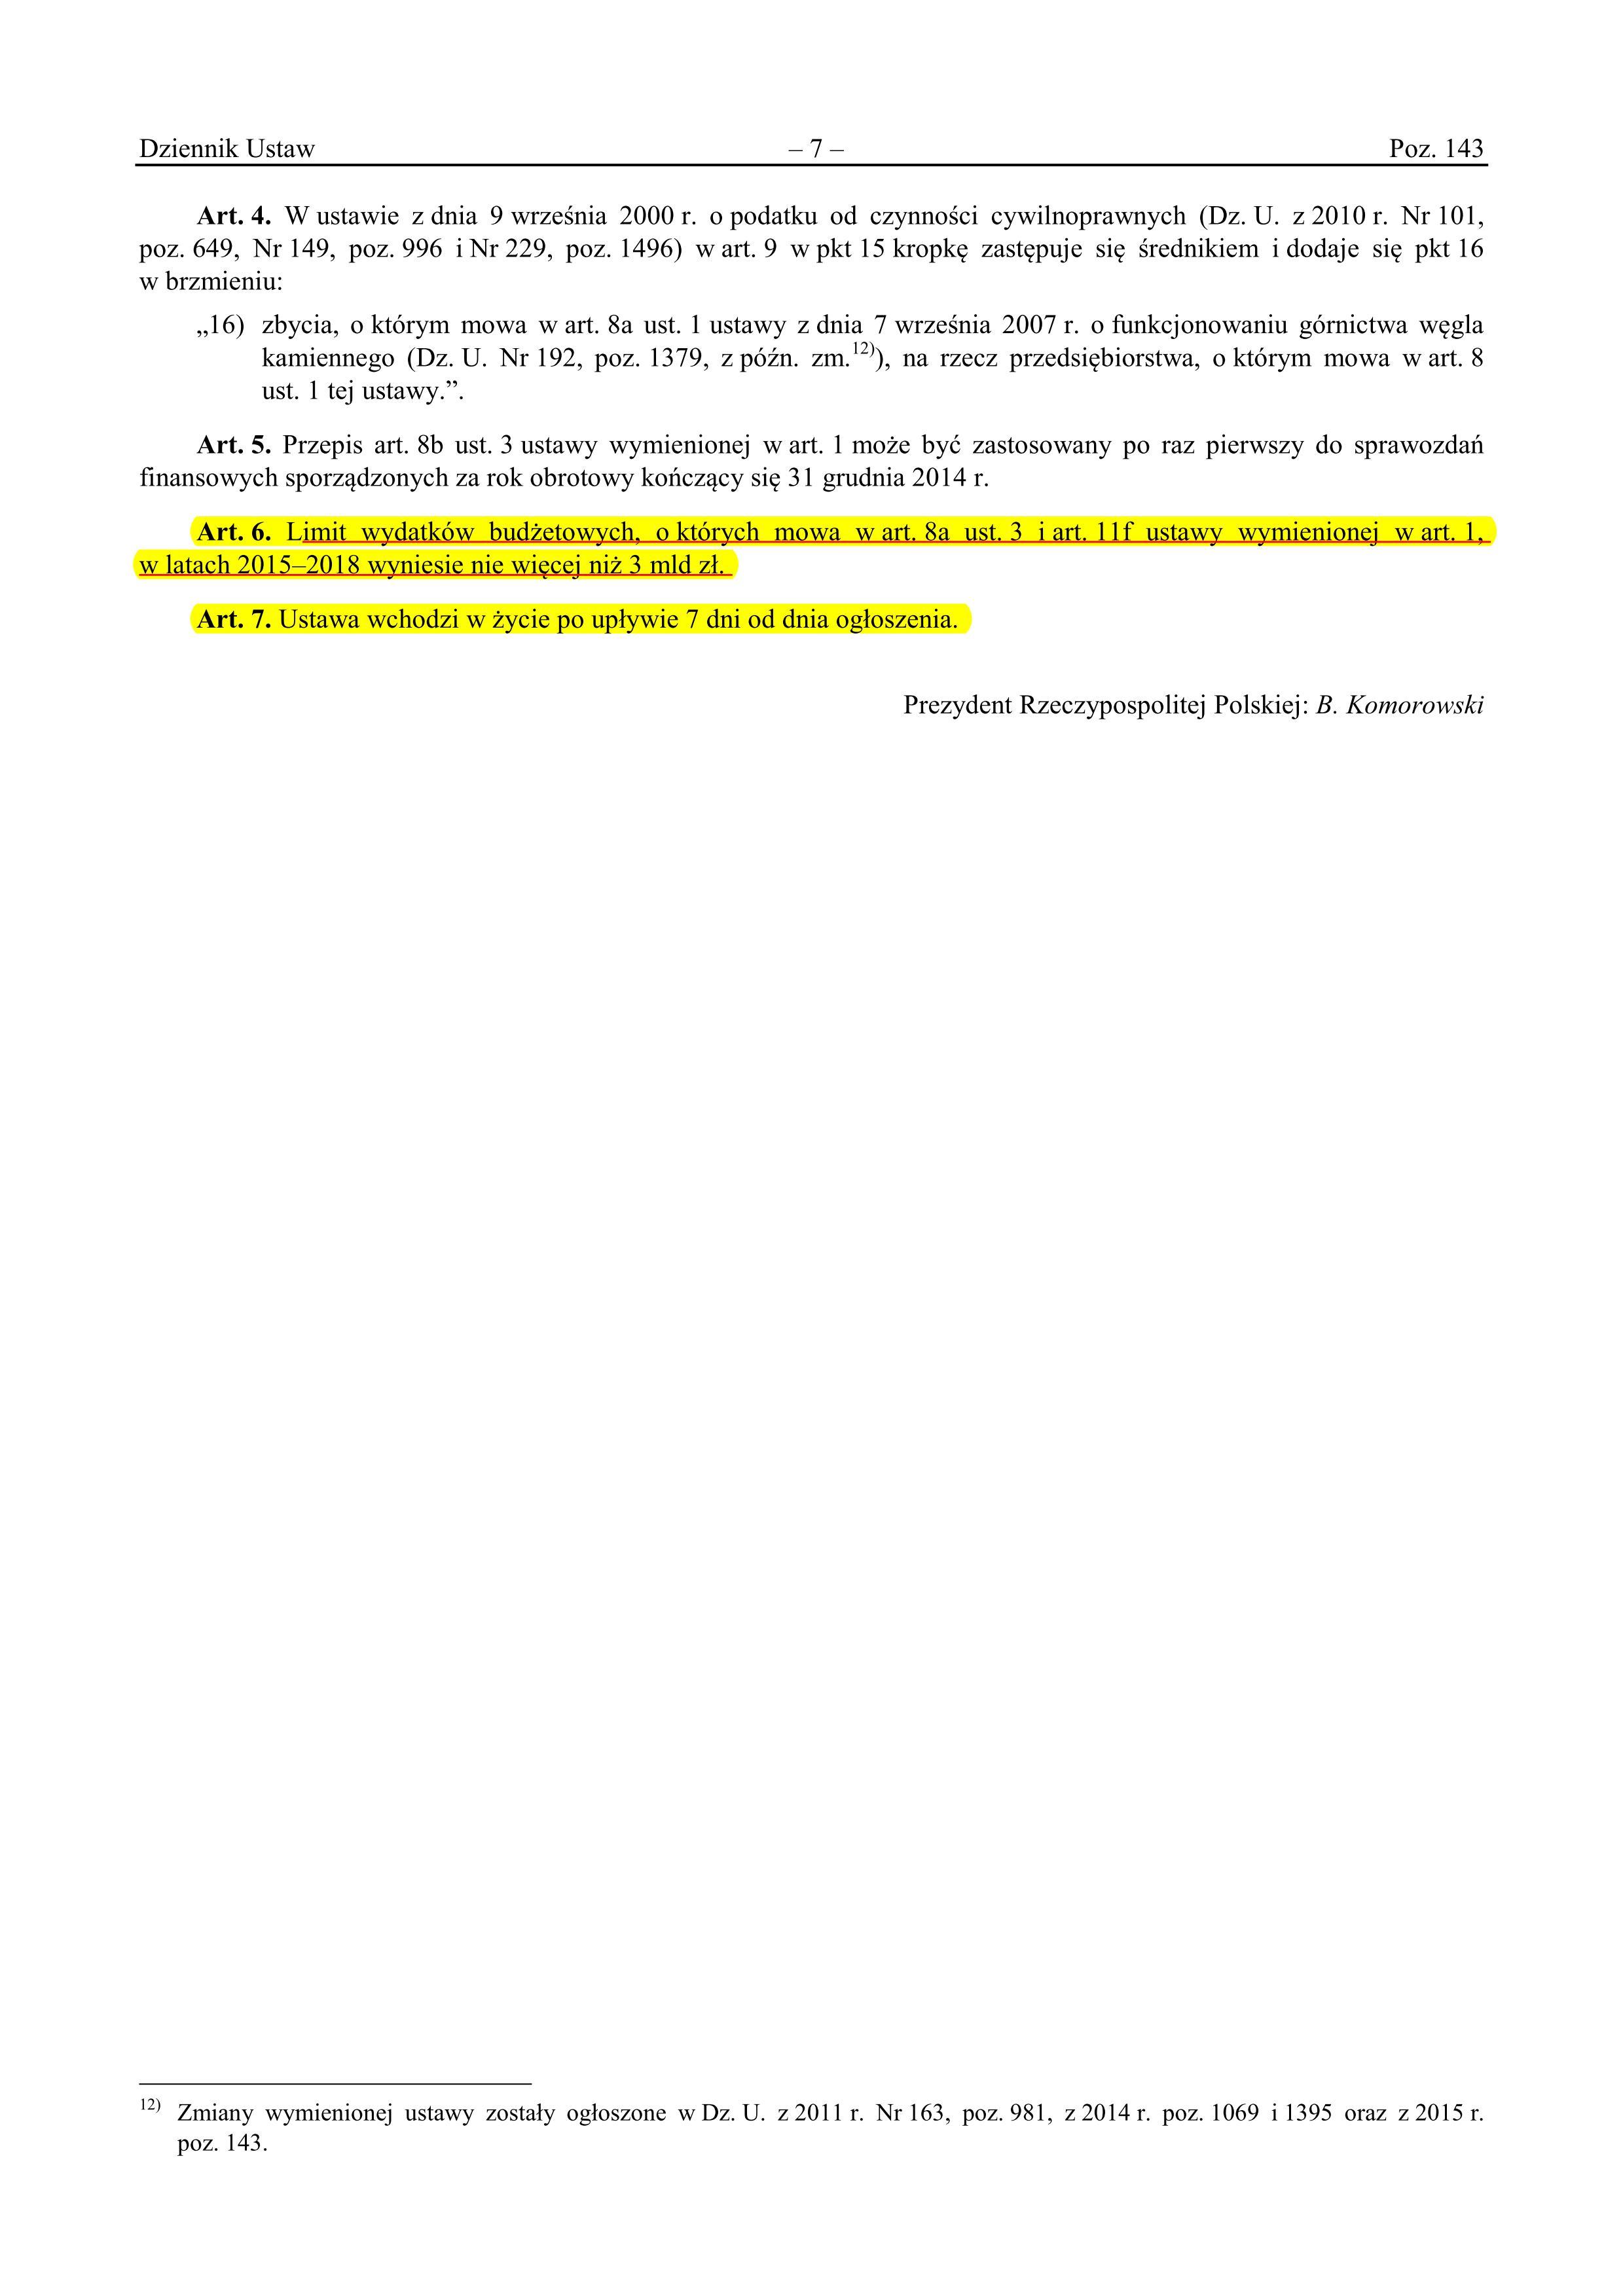 Ustawa-gornicza-wraz-z-zapisami-dla-ZPMW_D20150143_07